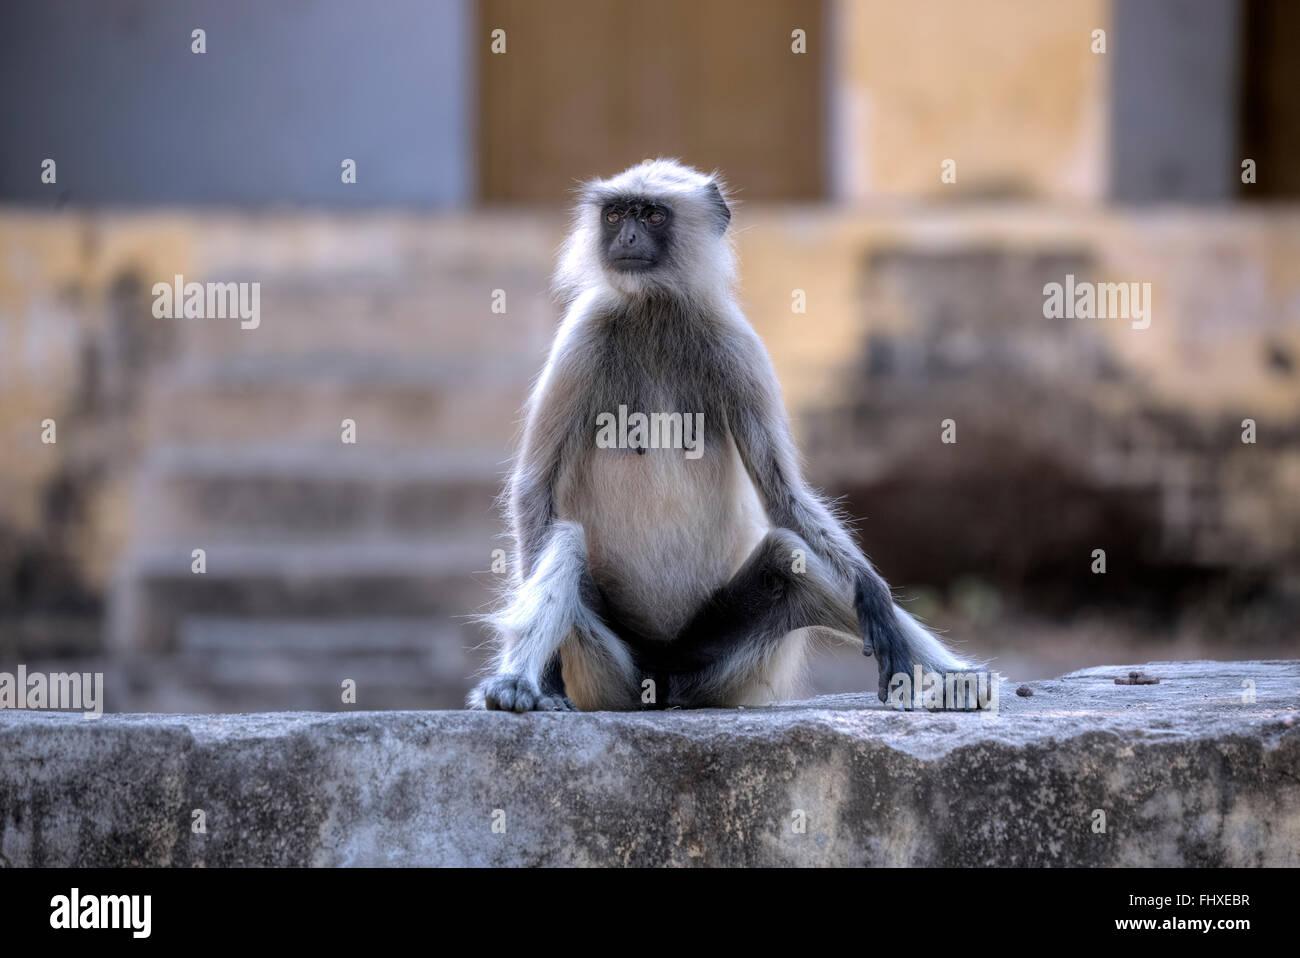 wilde Affen in Rajasthan, Indien Stockbild